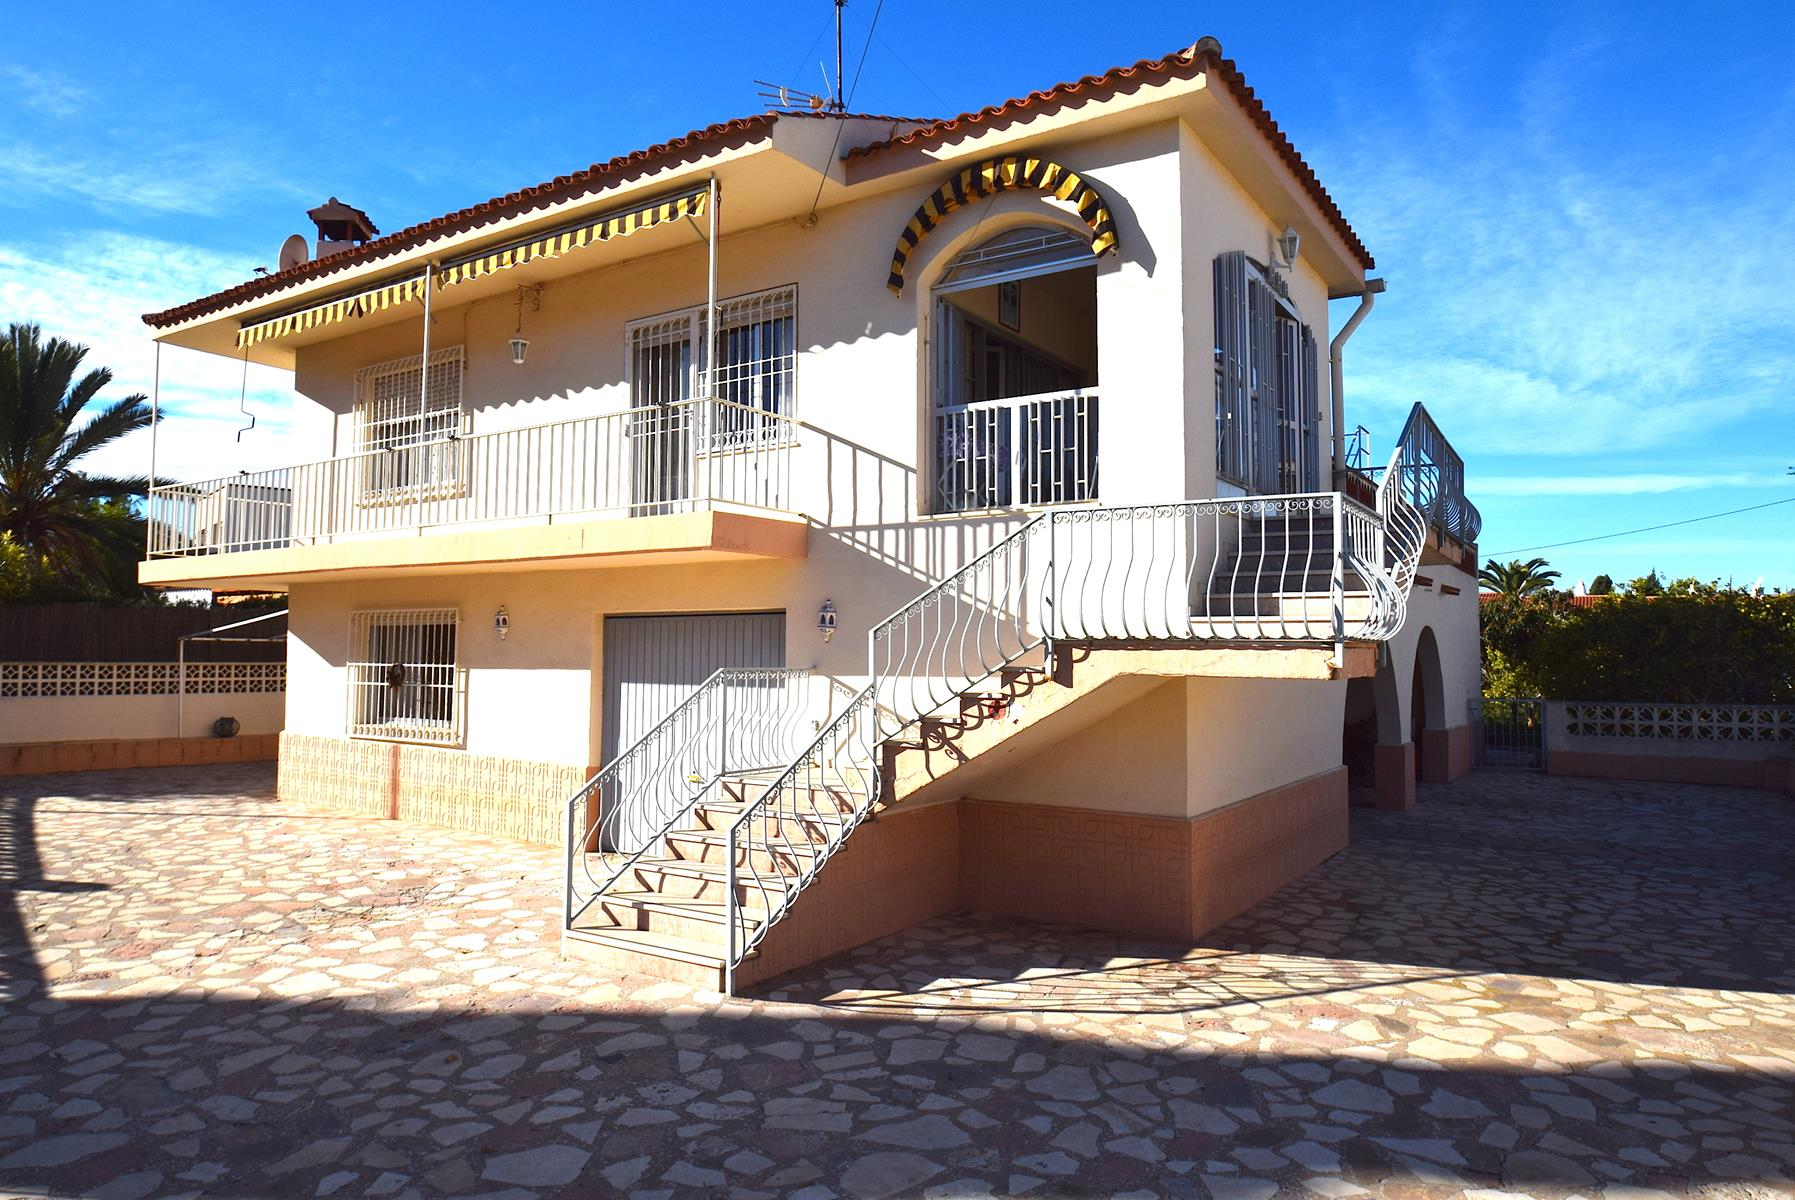 Chalet   Villa en venta en Albir, muy centrico